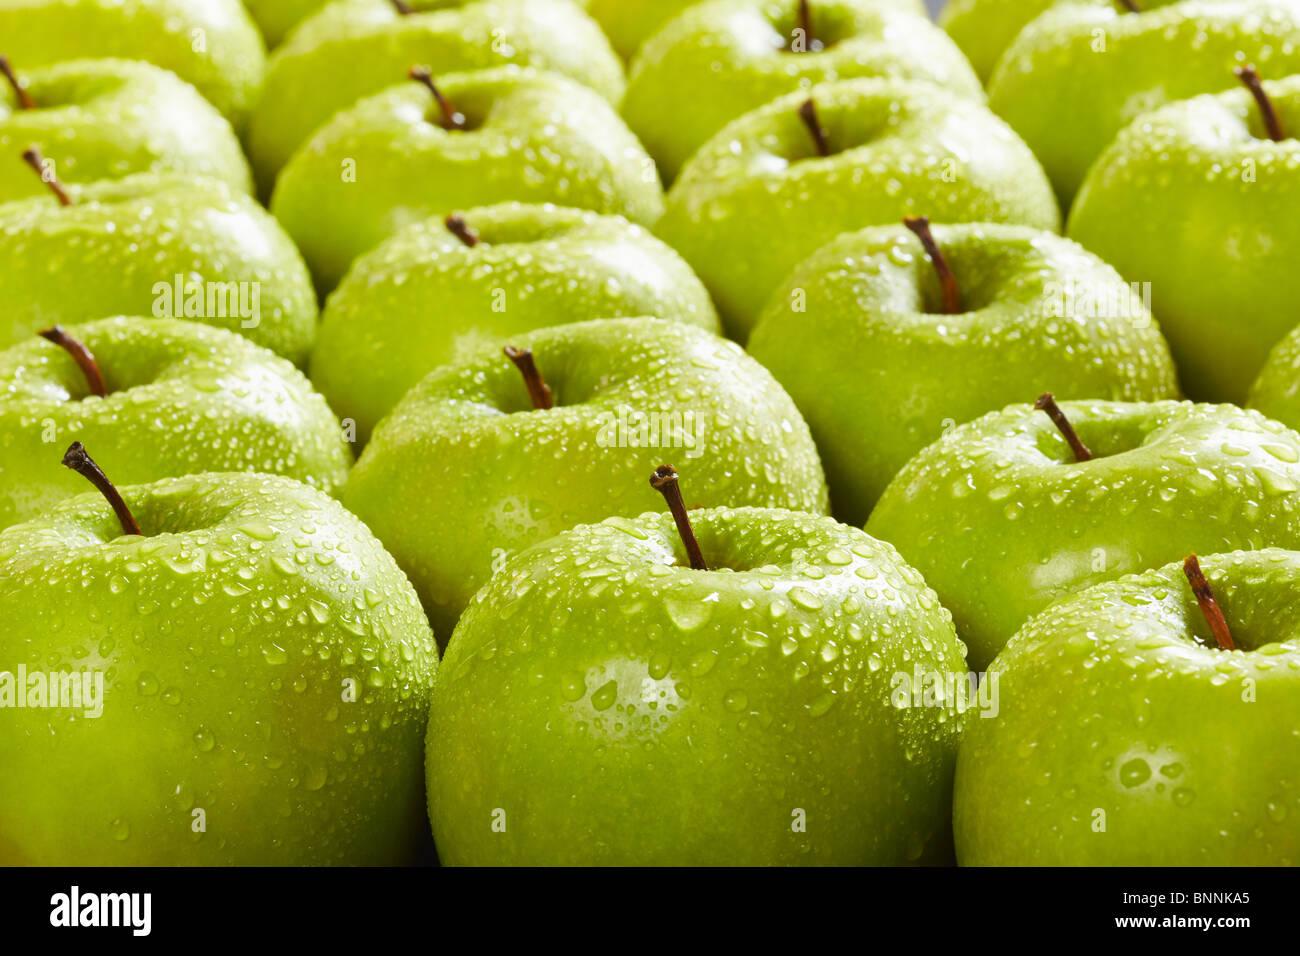 Grande gruppo di le mele Granny Smith in una fila. Messa a fuoco selettiva Immagini Stock